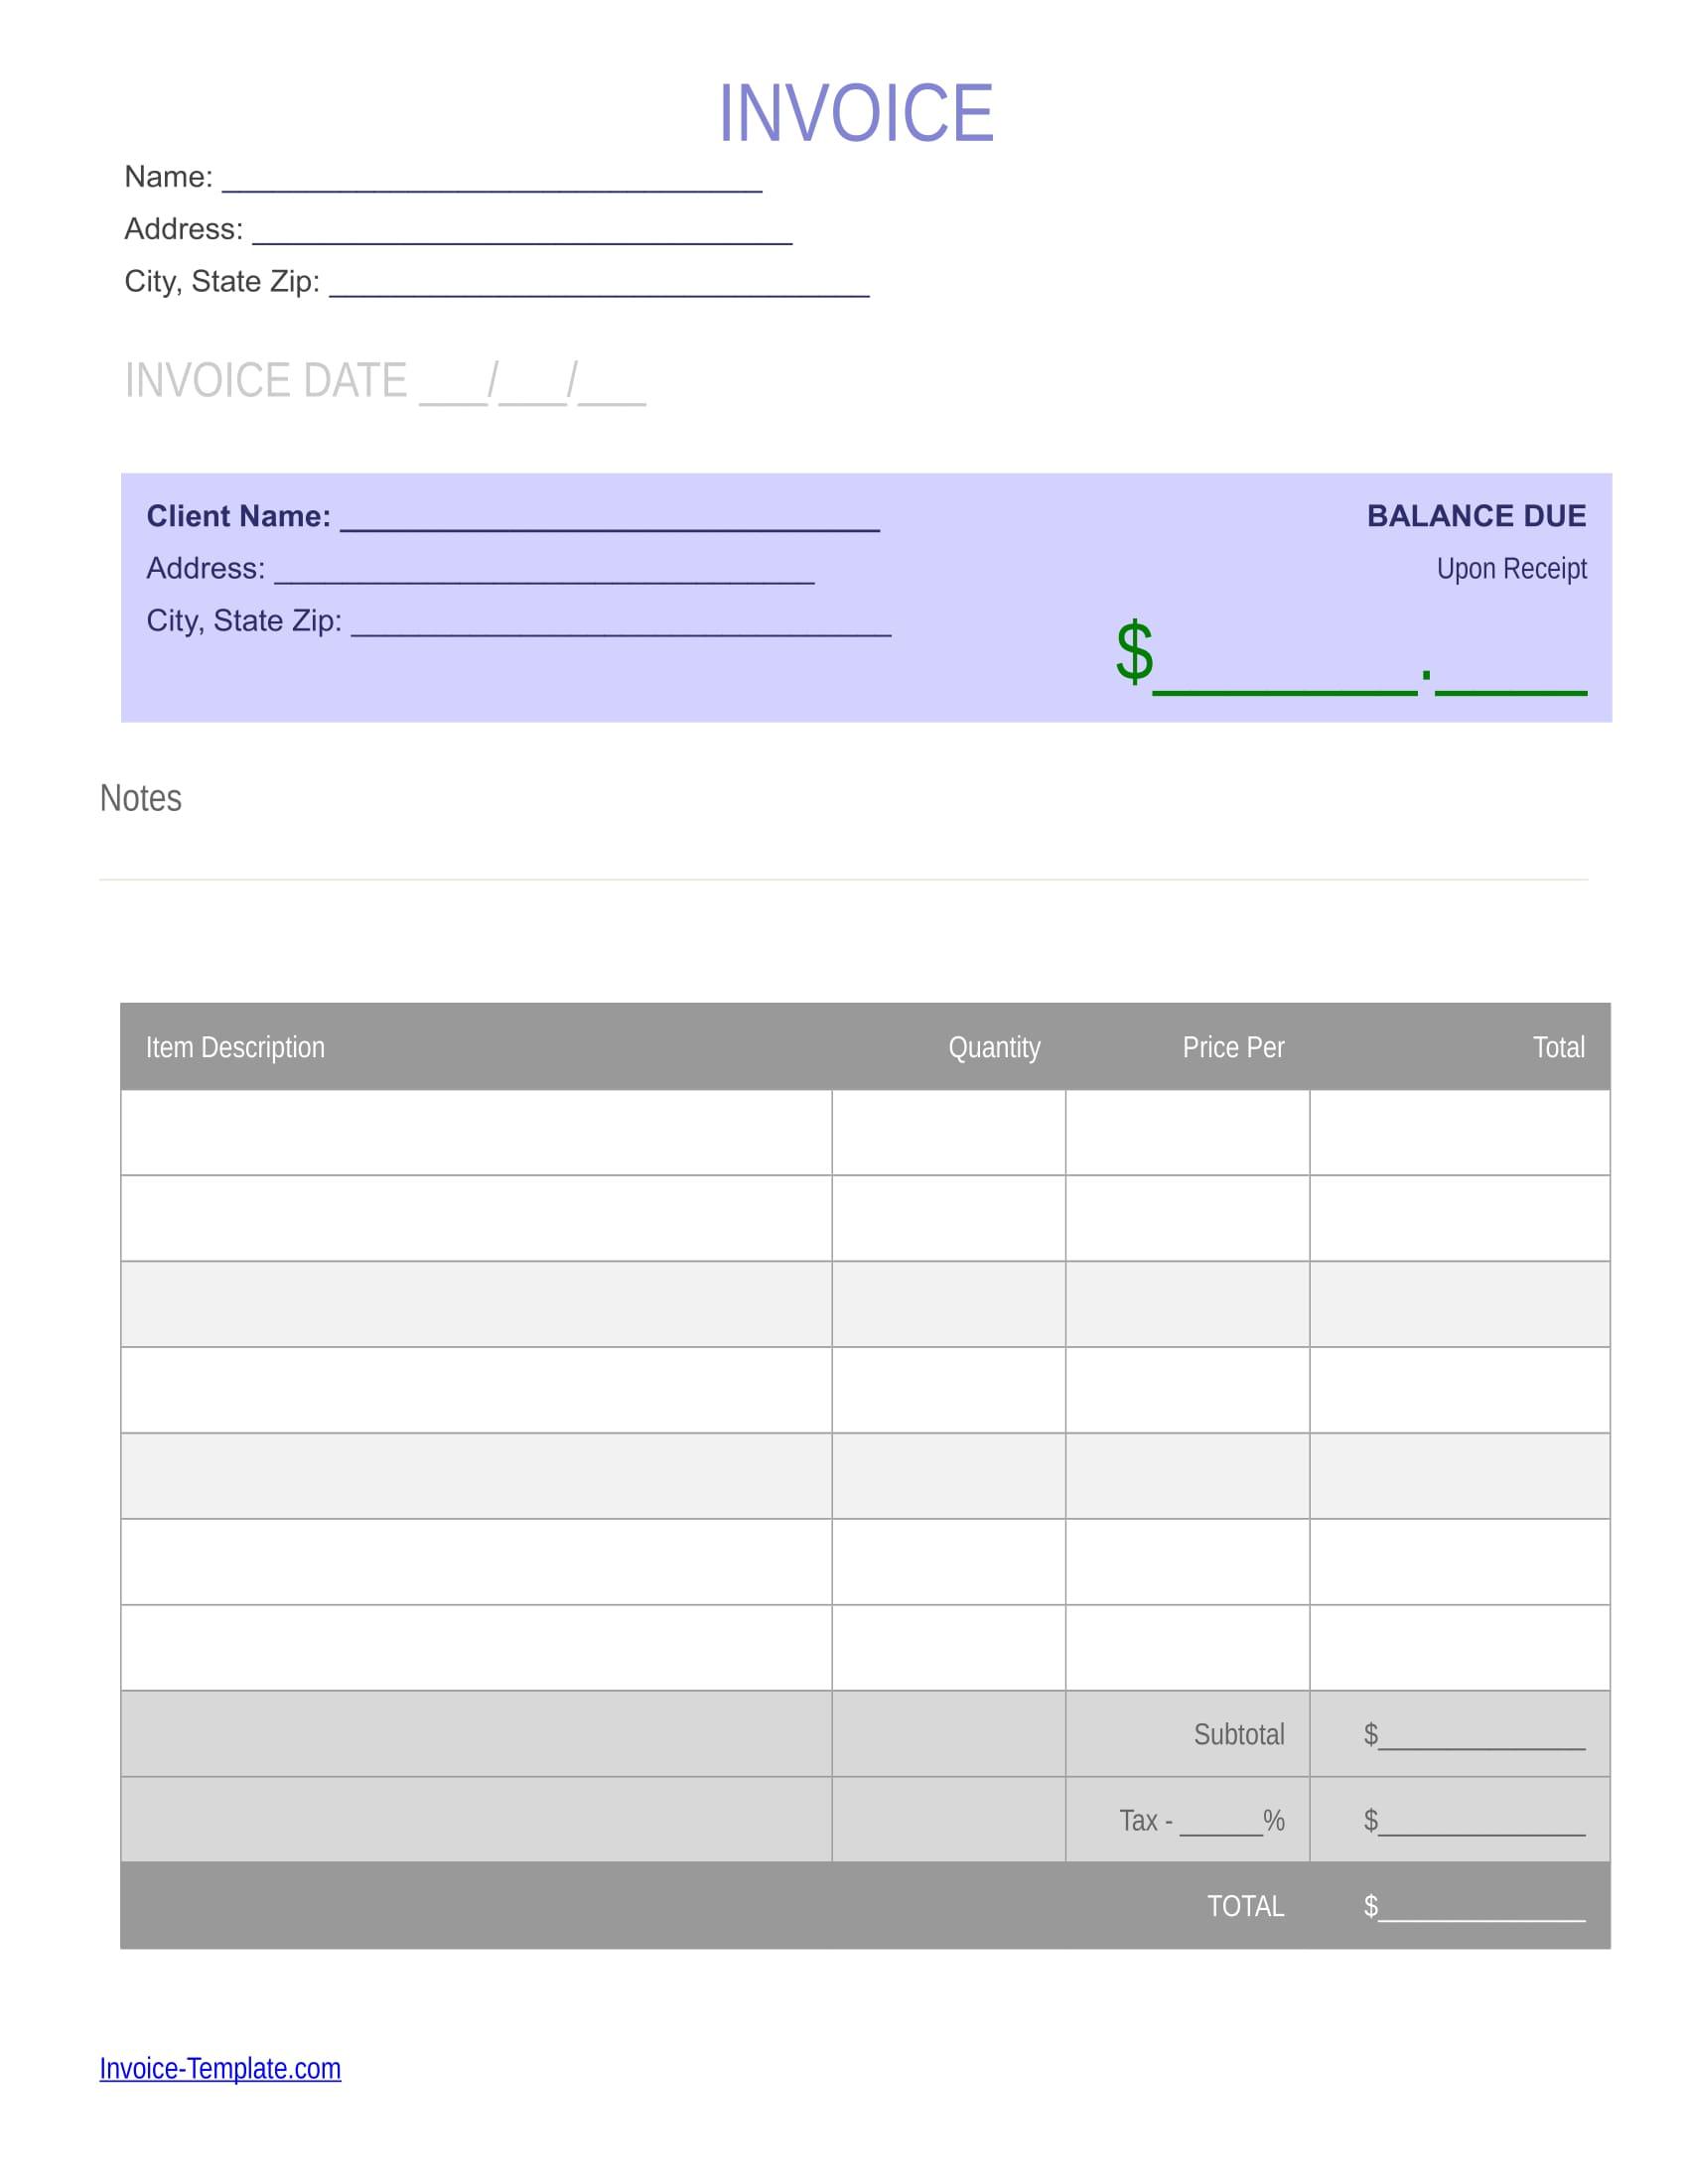 generic blank invoice example